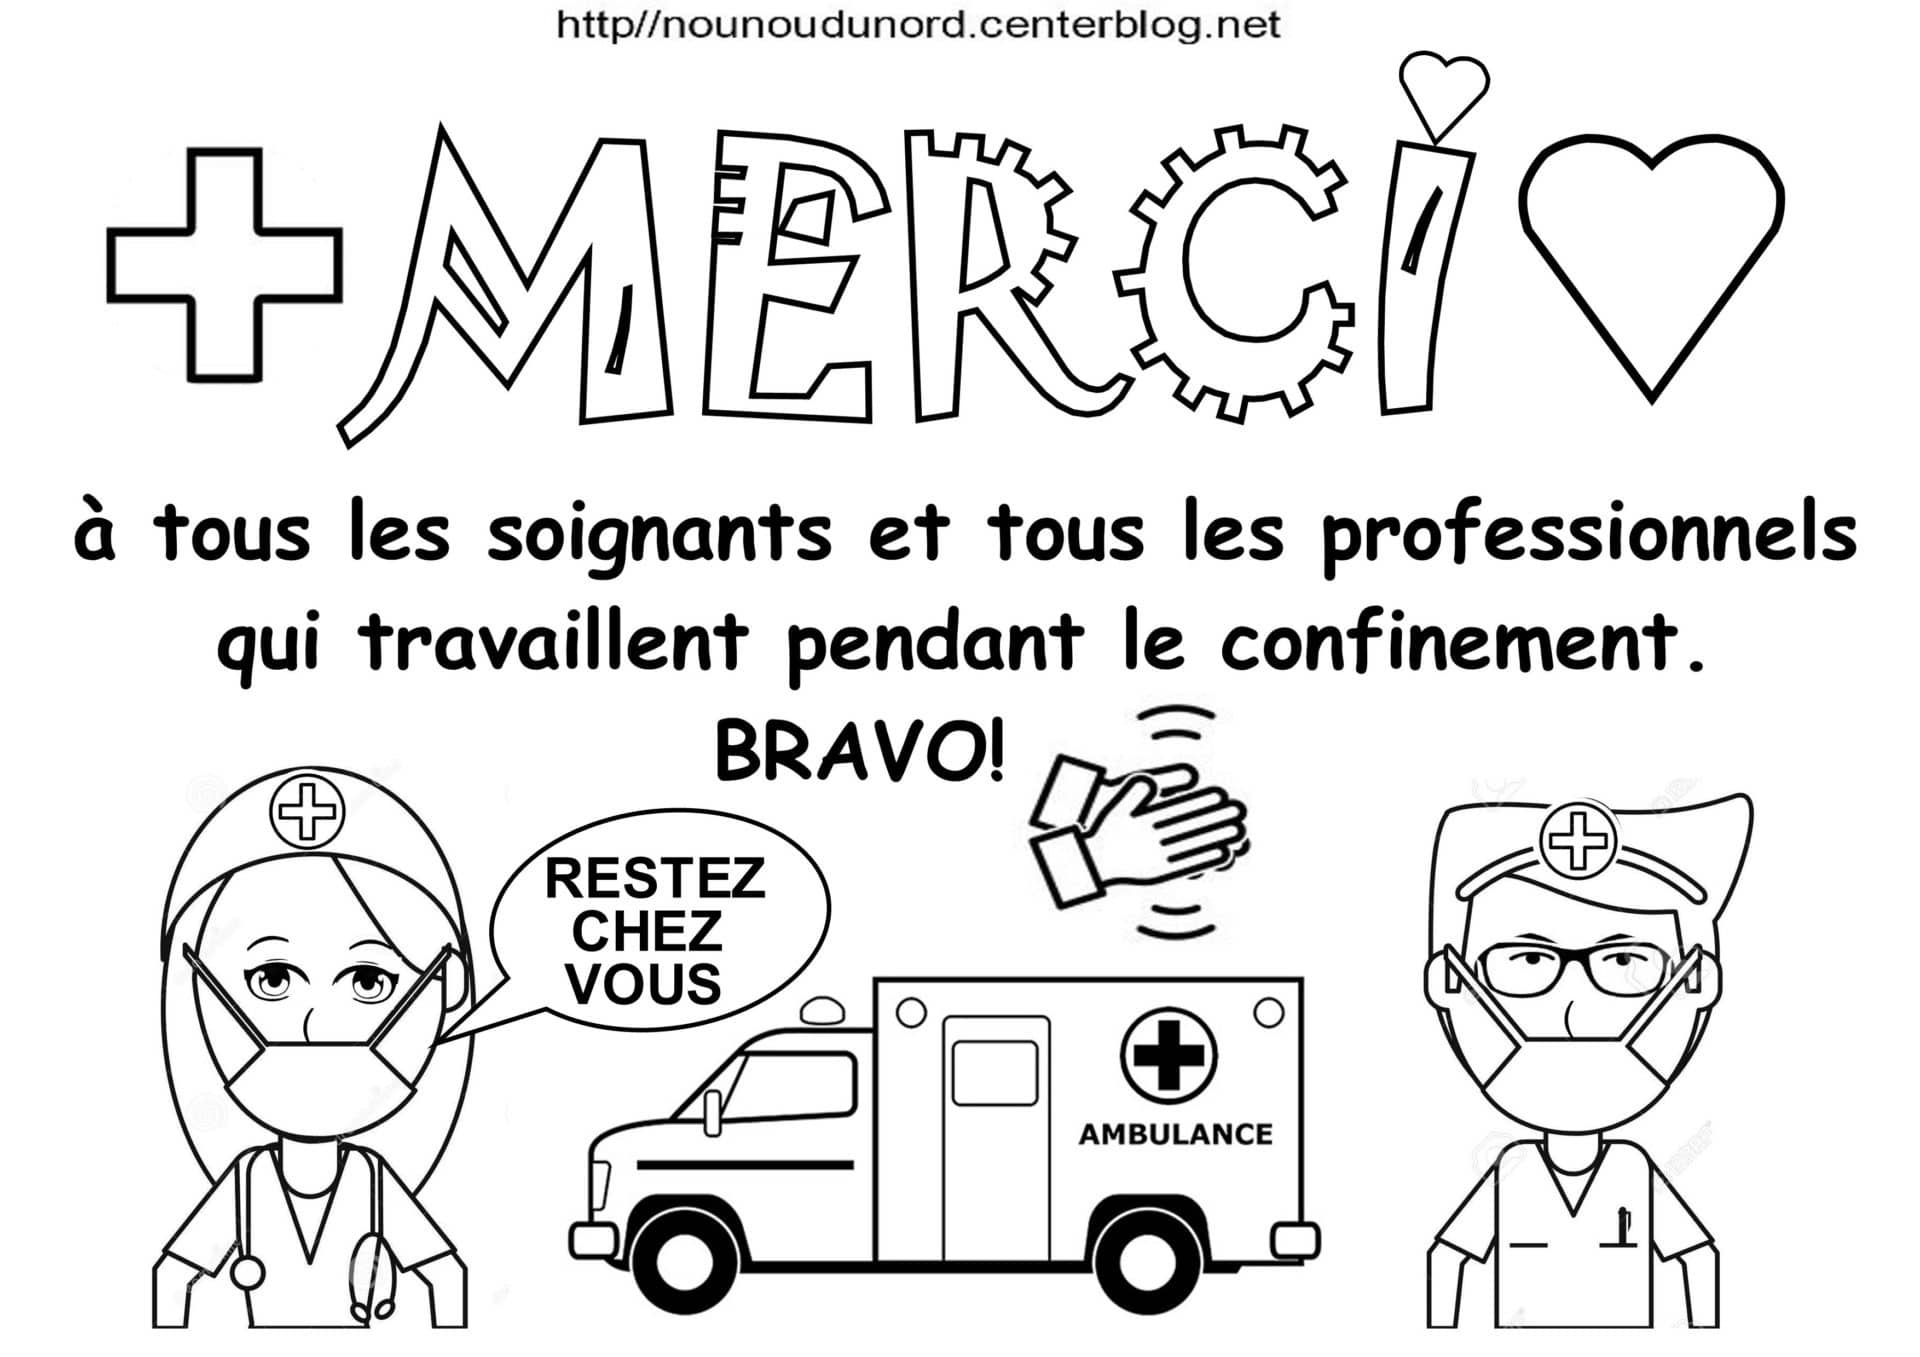 Coloriage Merci Aux Soignants De Nounoudunord Un Max D Idees